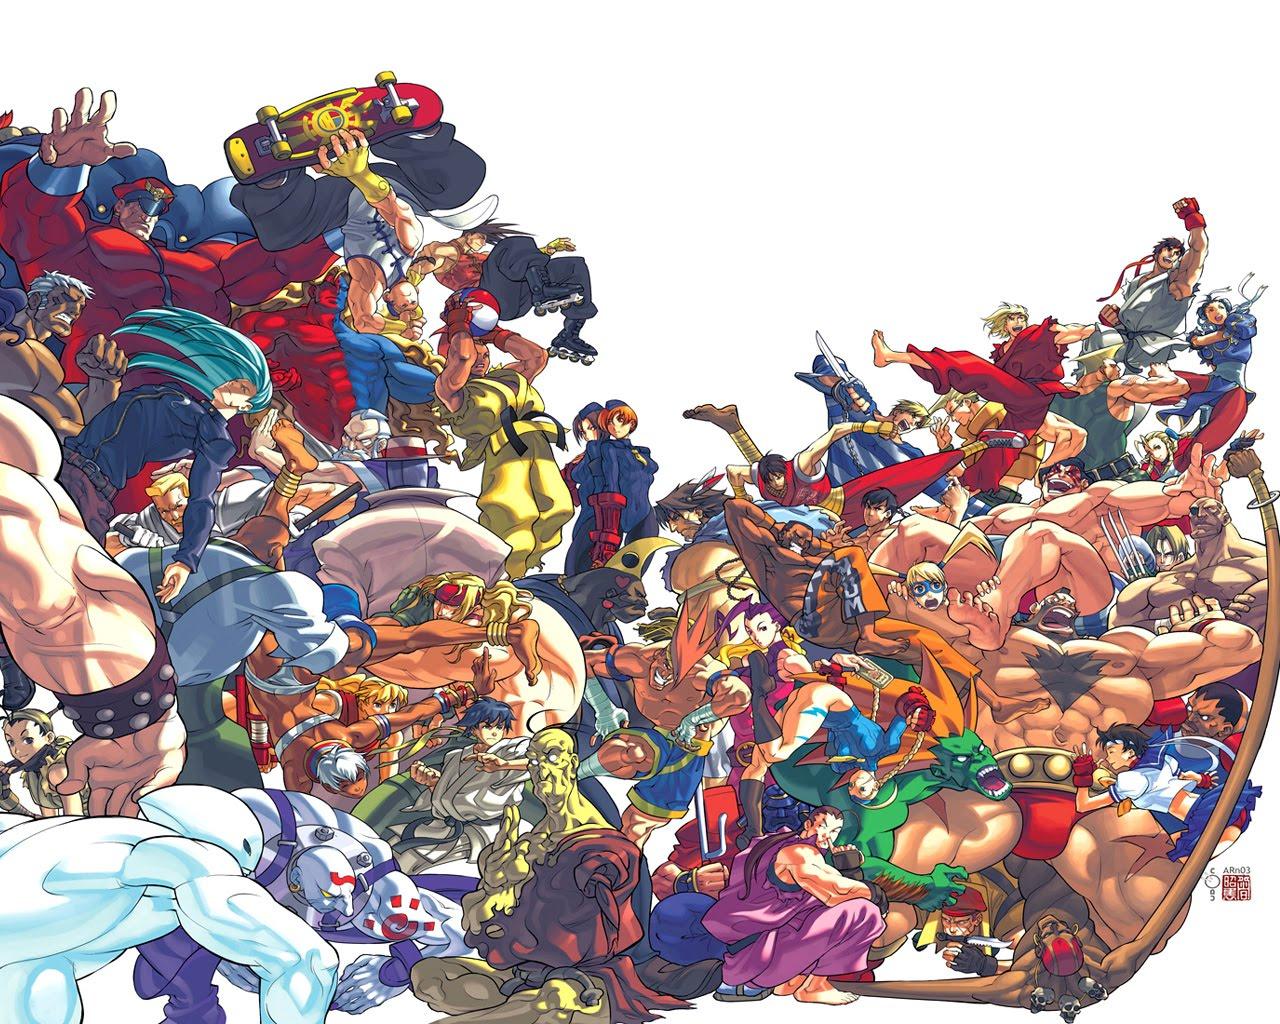 http://2.bp.blogspot.com/_Grs_rQtvL7E/S-5vEJhZ2oI/AAAAAAAACCE/0vIJnZ_iBTY/s1600/Sharon+Street+Fighter+EX+Wallpaper.jpg